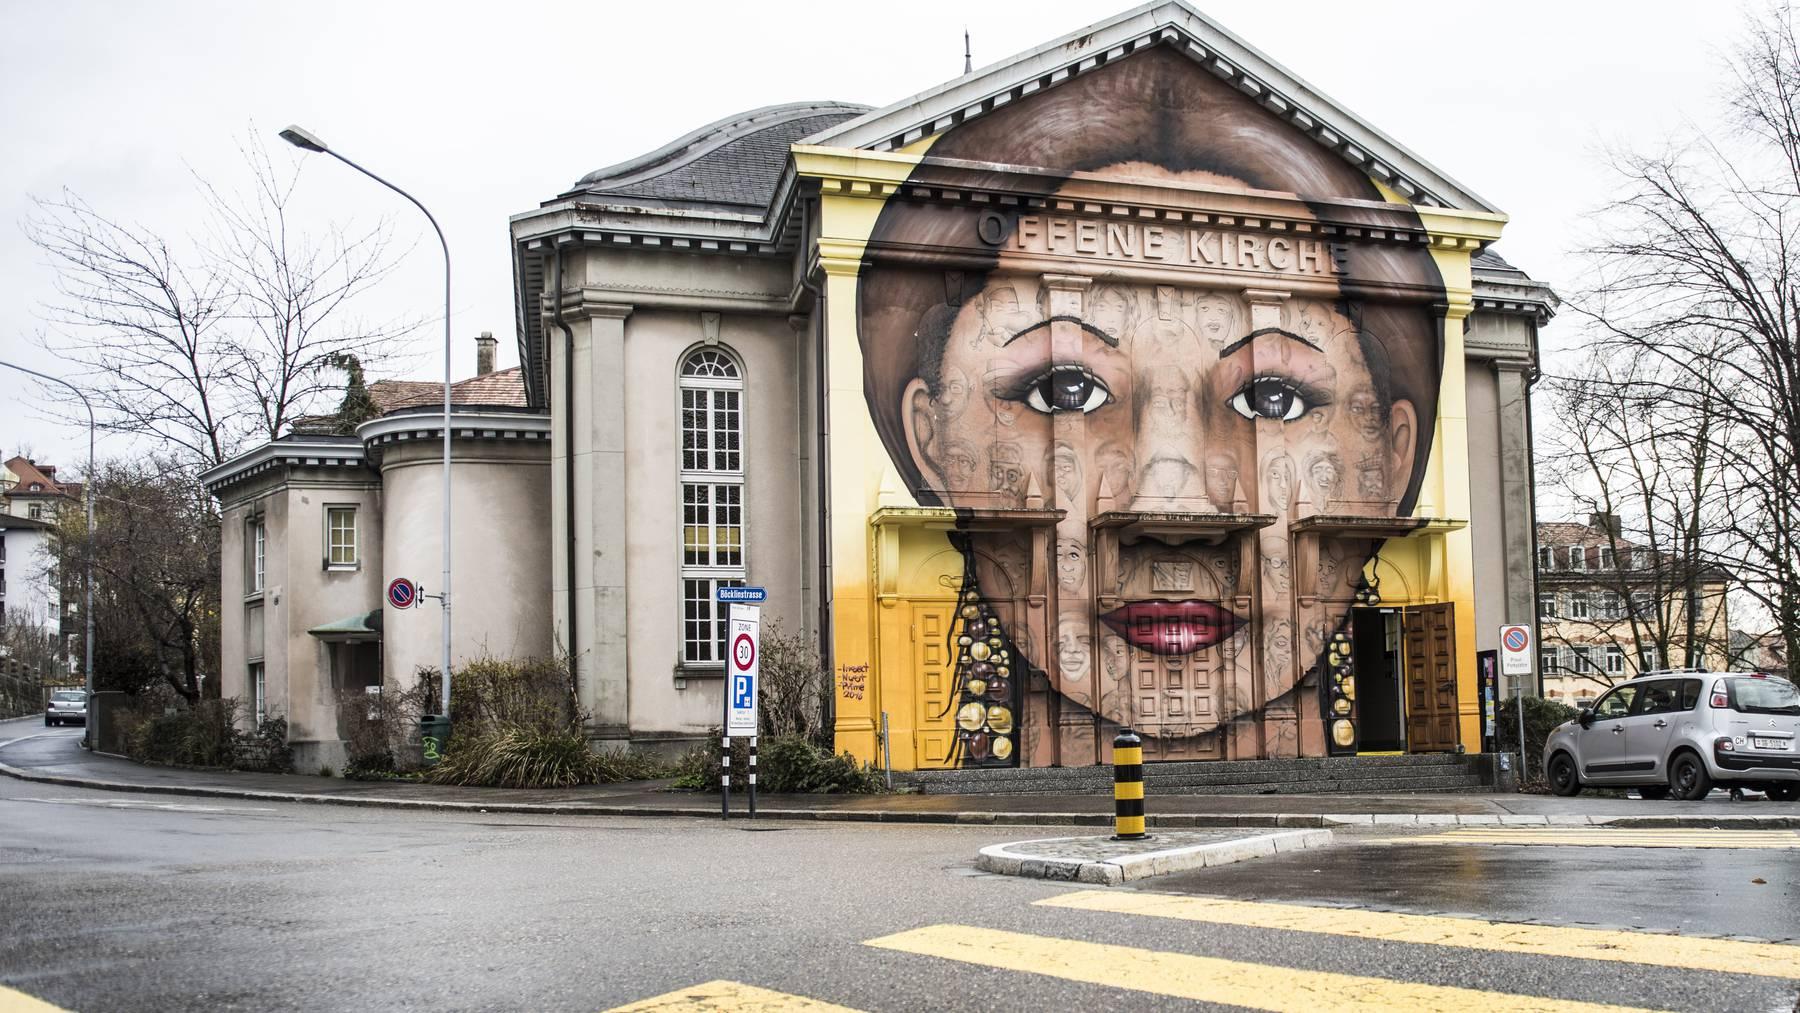 Für das Graffiti gibt es eine Gnadenfrist.